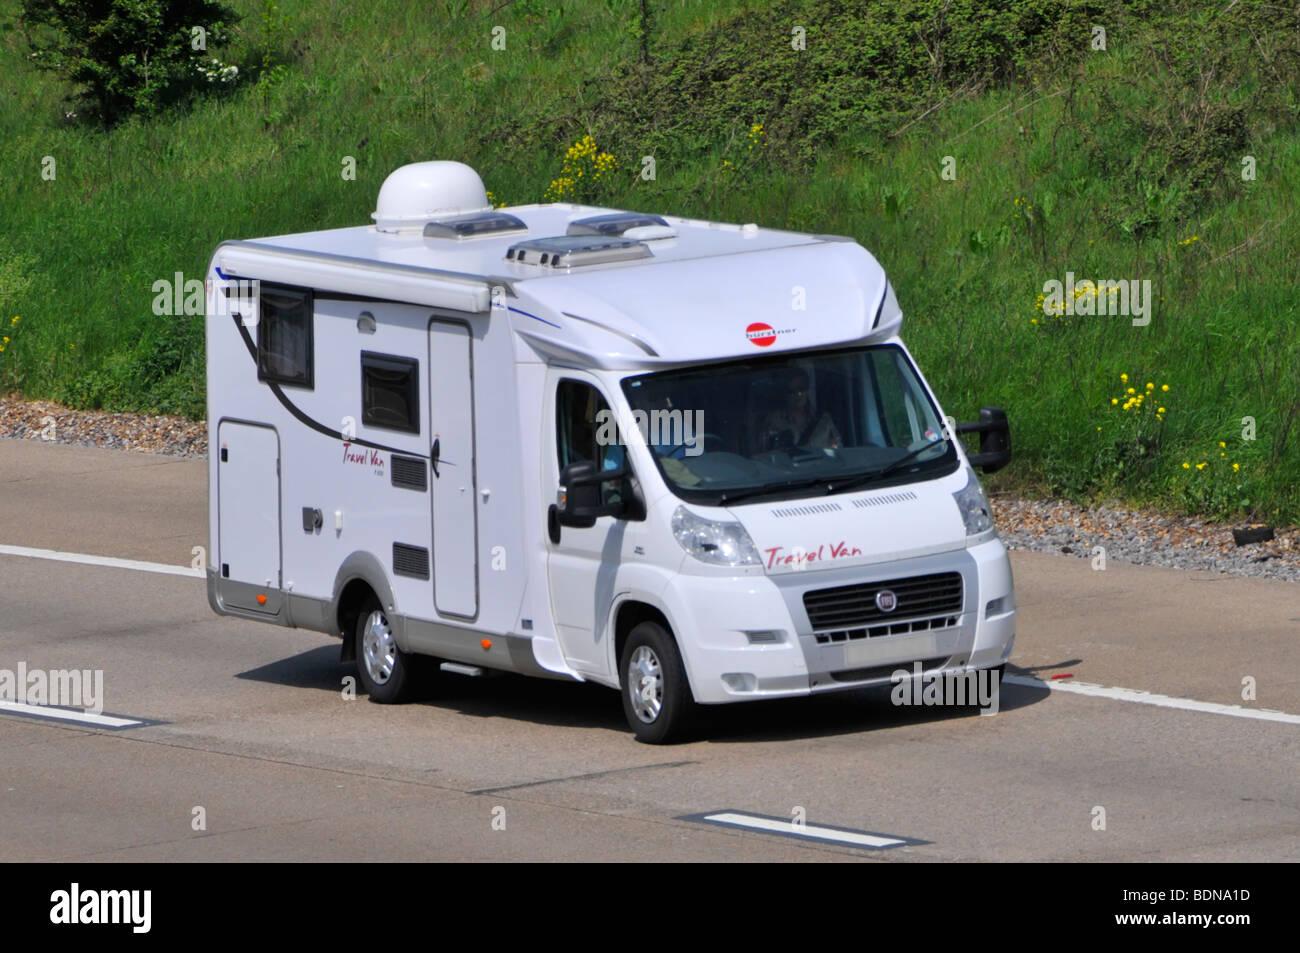 M25 motorway camper van obscured numberplate - Stock Image